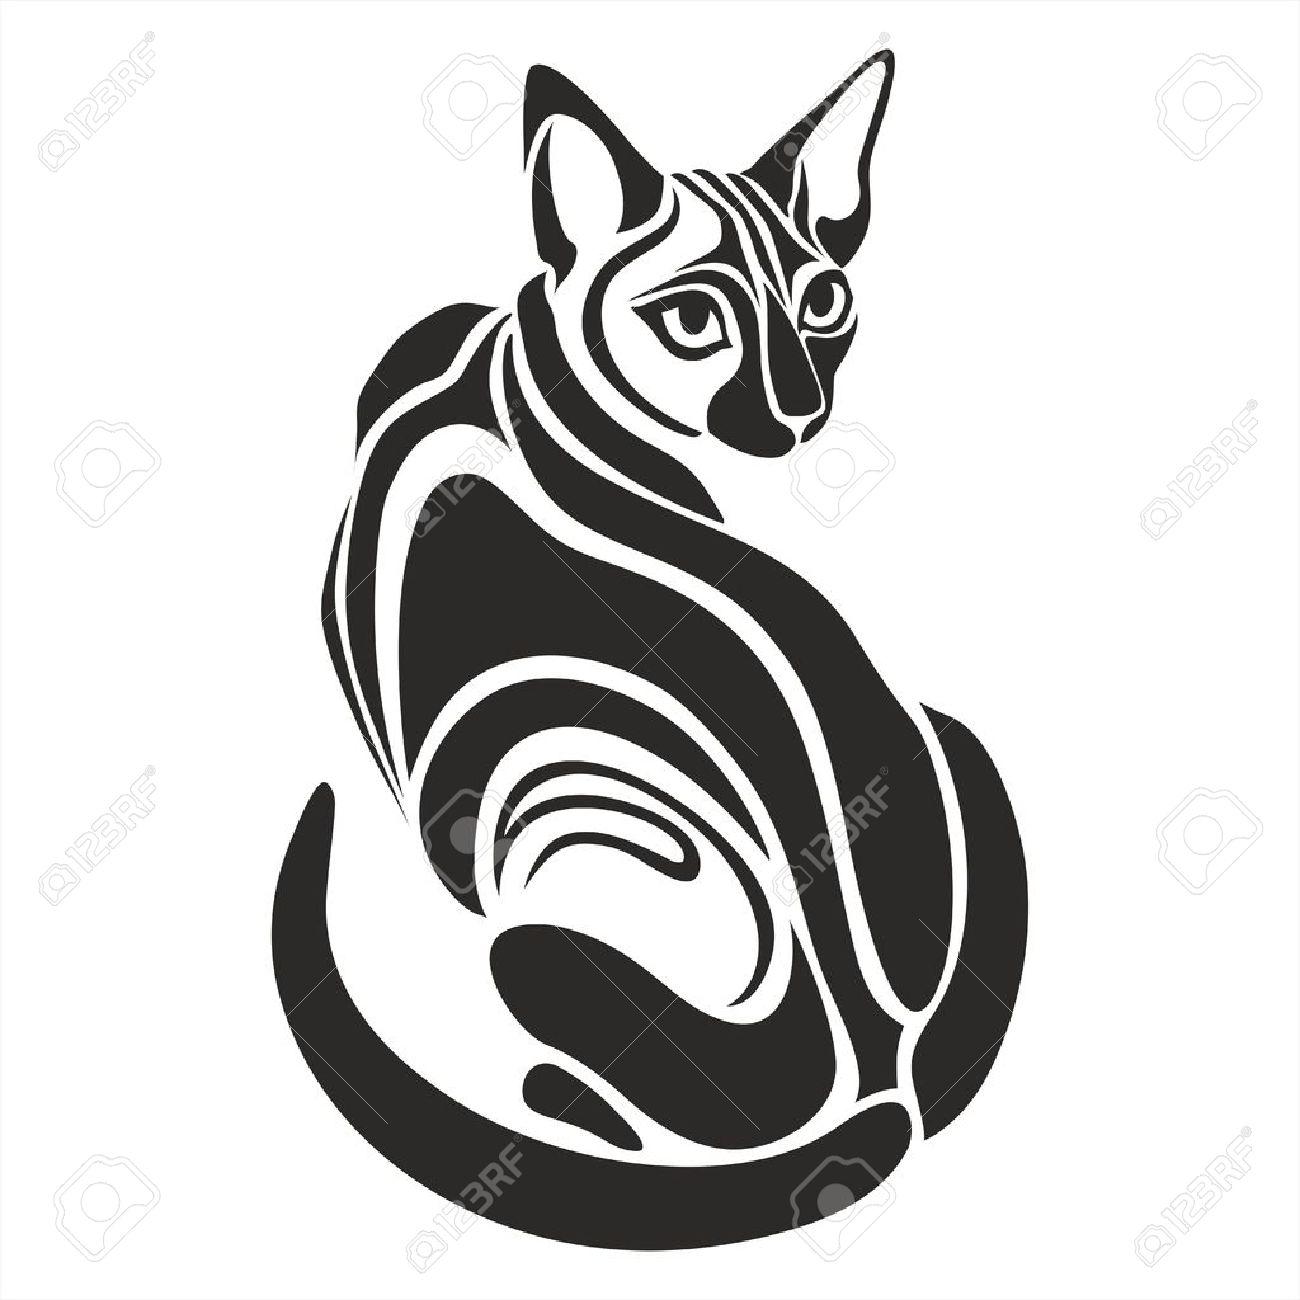 Gato Egipcio Negro Peligroso Vector De Dibujo Gráfico En Busca De